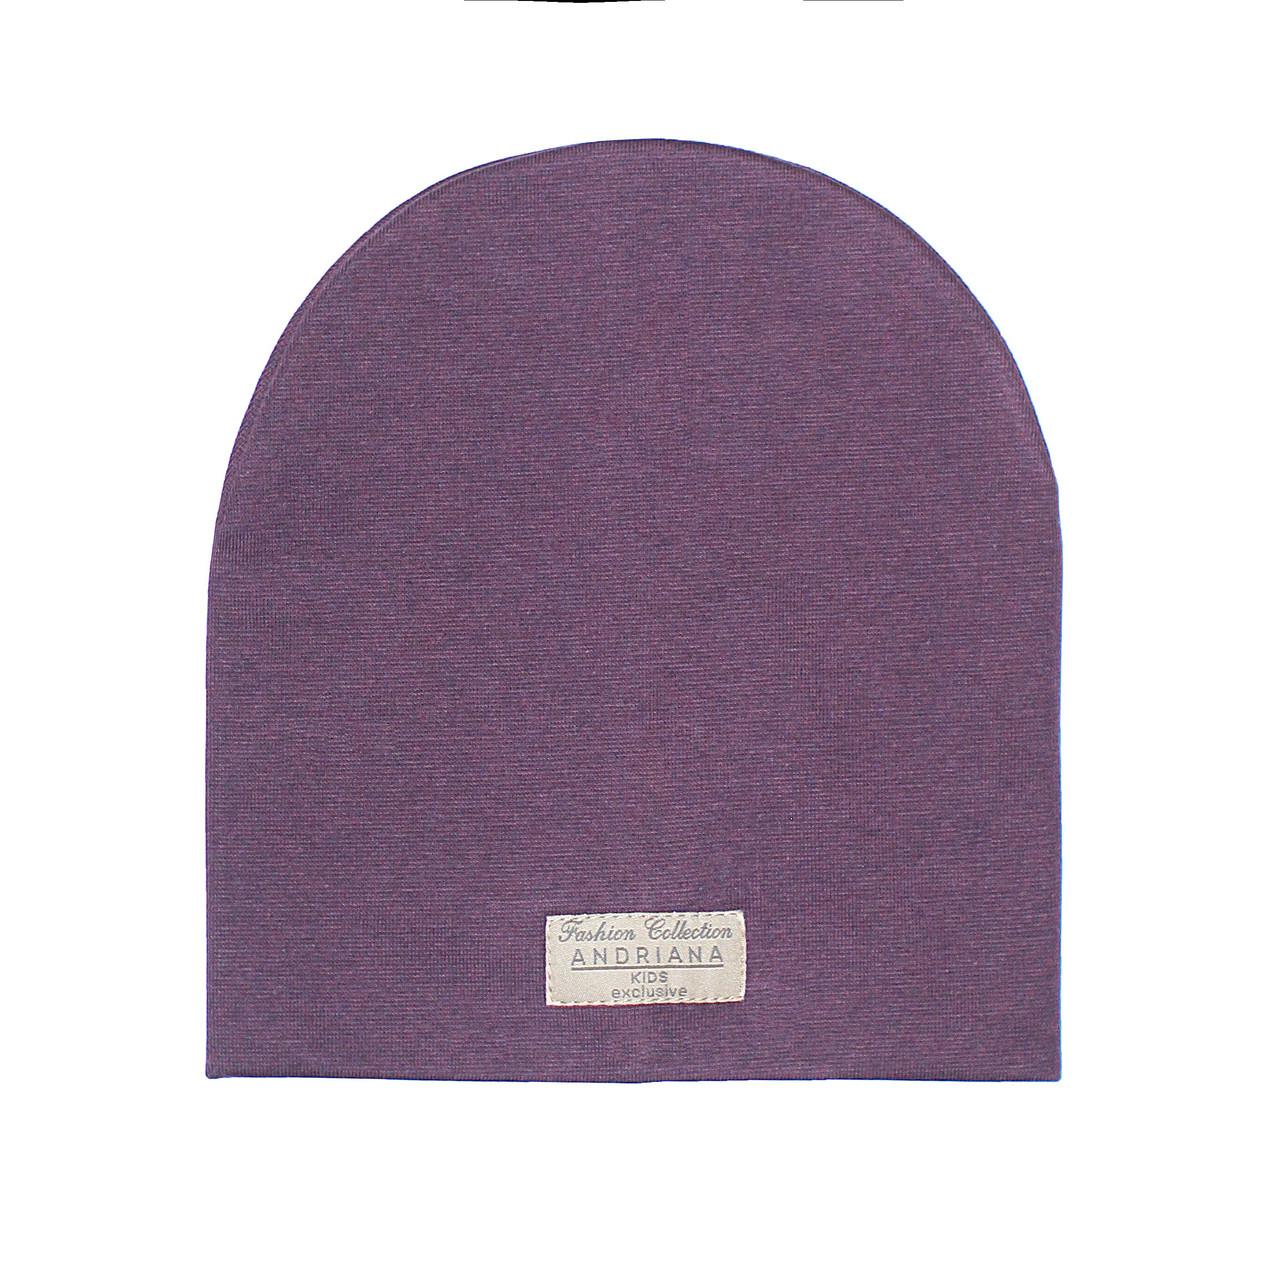 Двойная шапочка 44-46,48-50,52-54 см. Andriana Kids темно-сиреневая